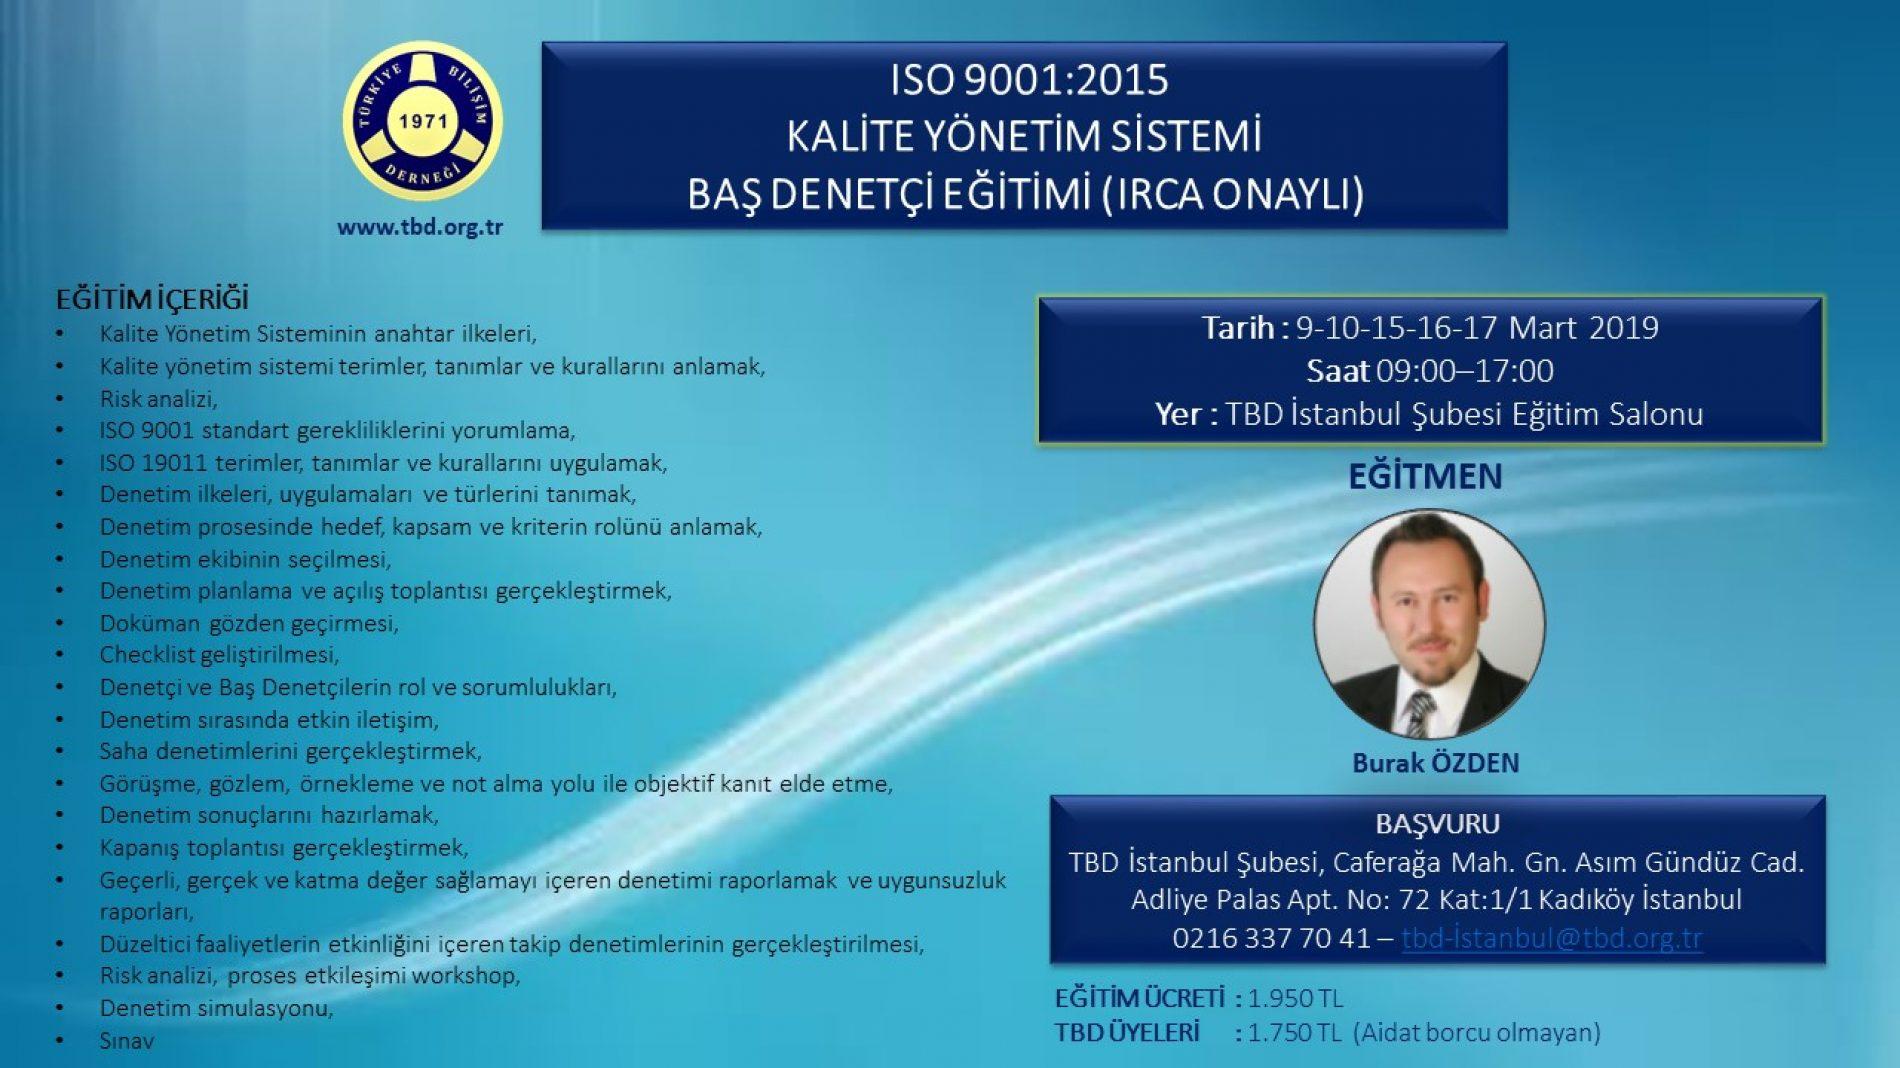 ISO 9001:2015 KALİTE YÖNETİM SİSTEMİ BAŞ DENETÇİ EĞİTİMİ (IRCA ONAYLI)